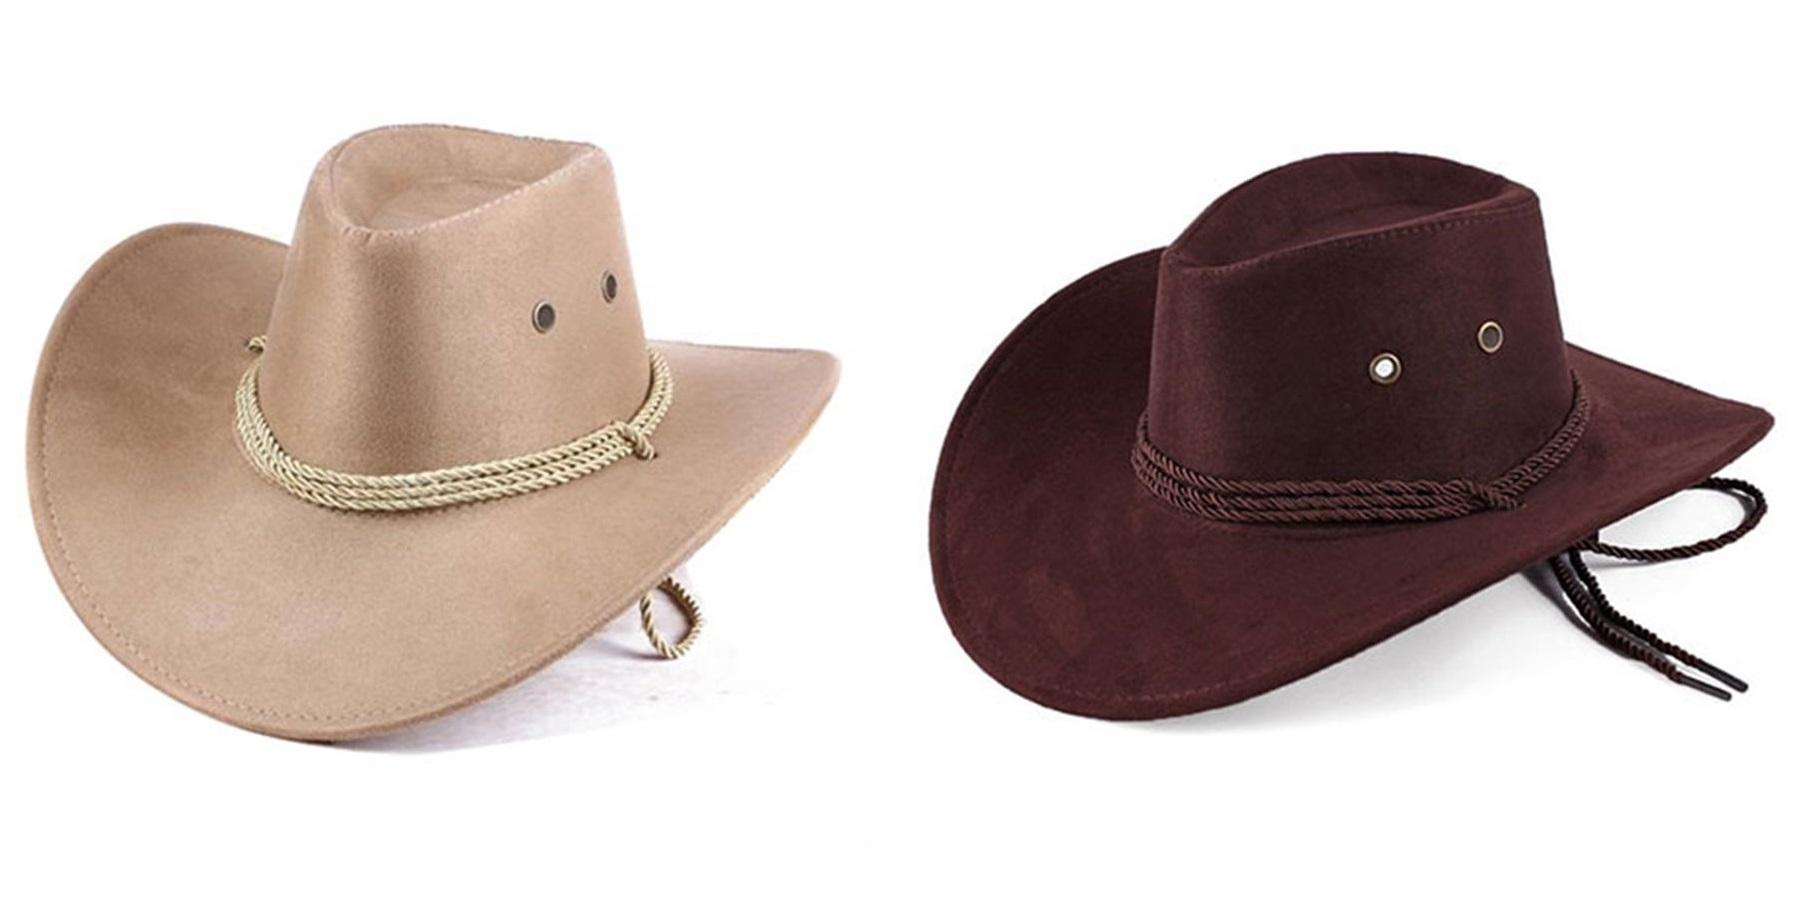 Cowboy Hats